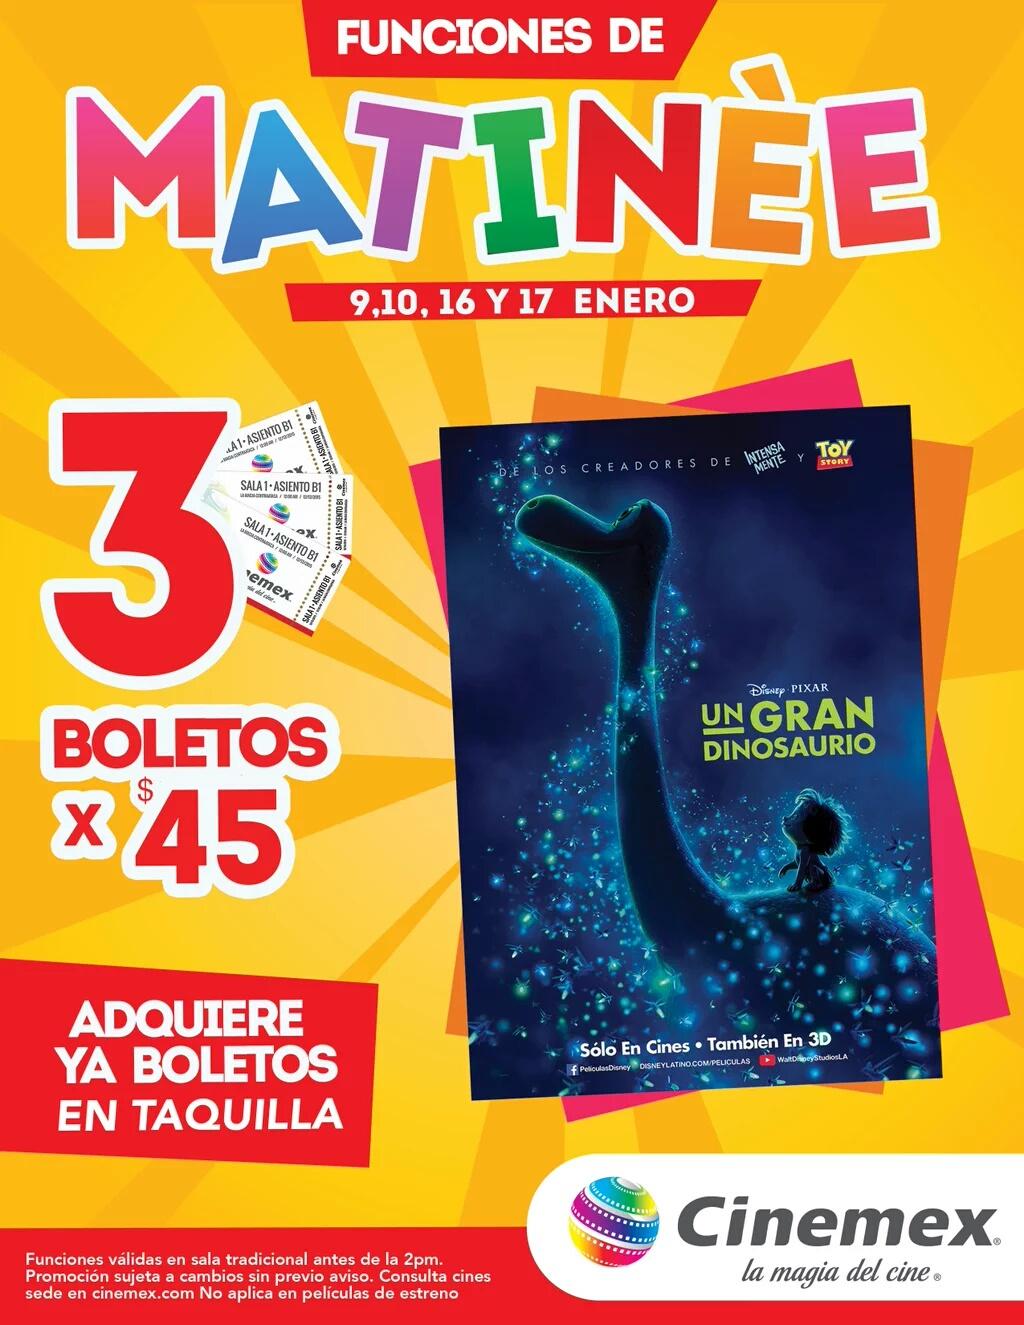 Cinemex: 3 boletos para matineé de un gran dinosaurio por $45